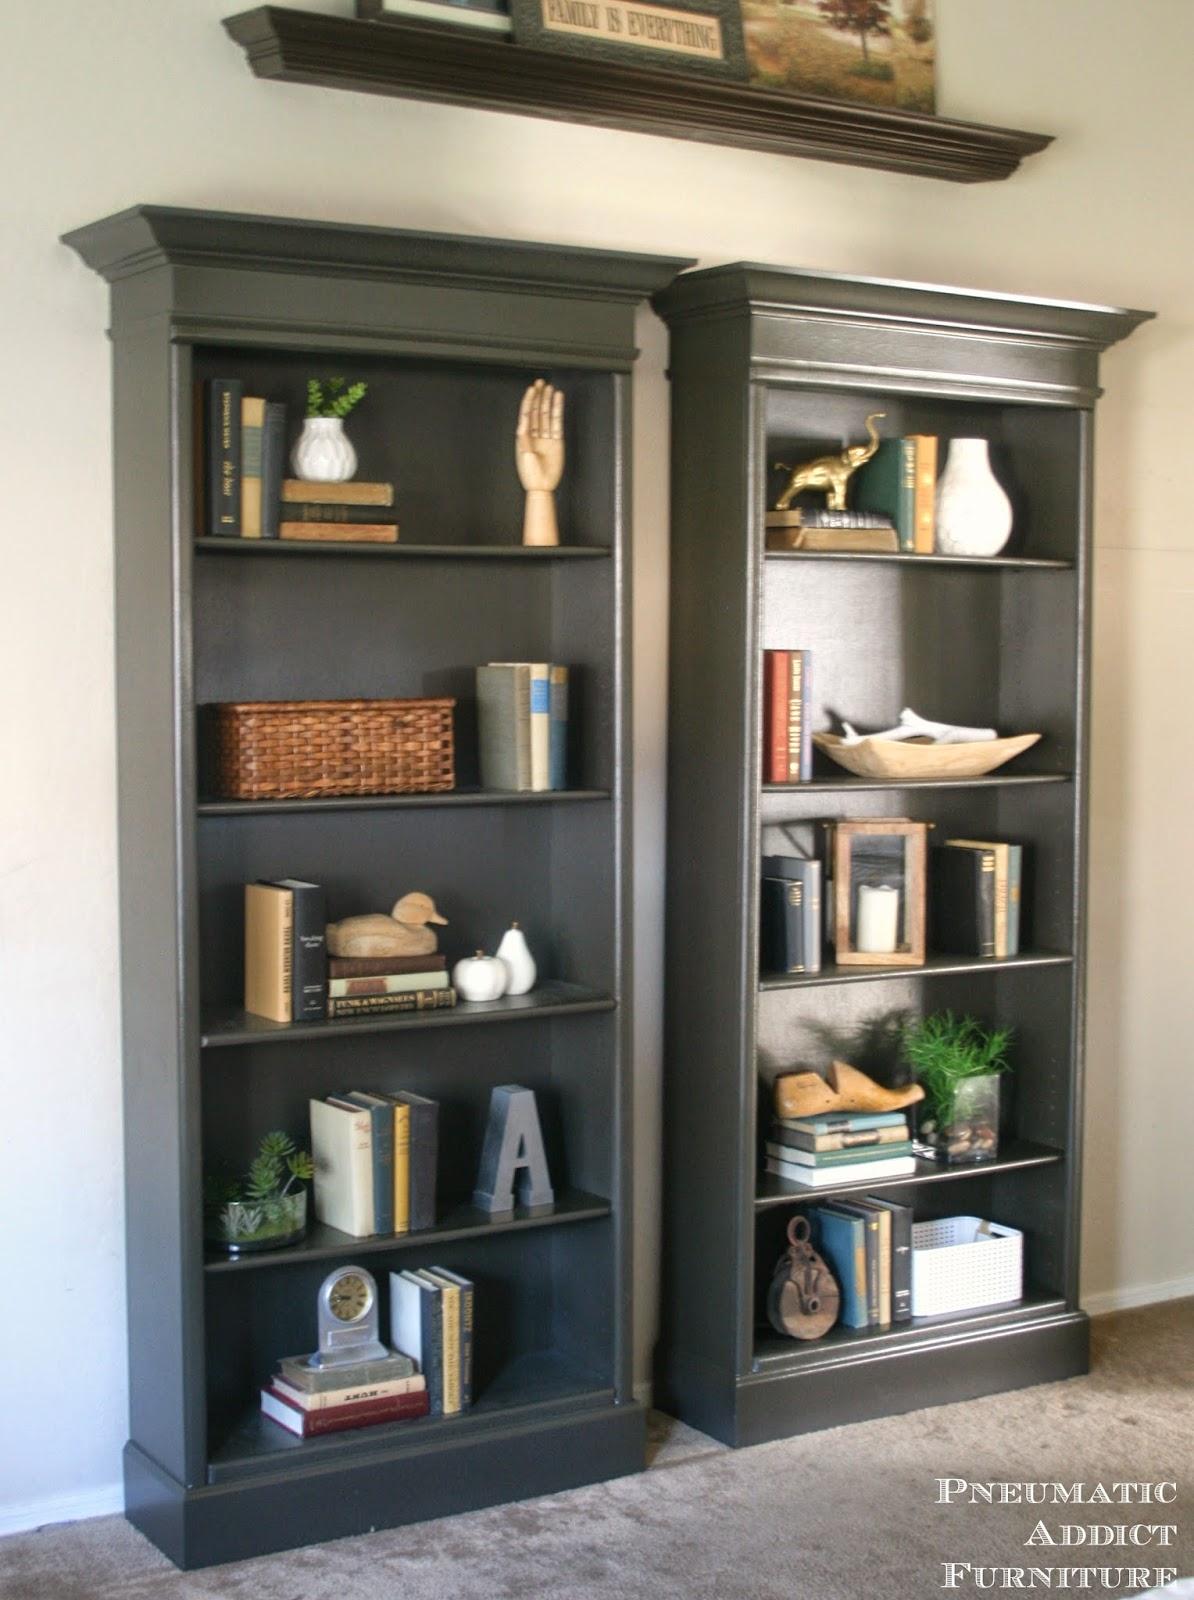 Pneumatic addict how to upgrade bookshelves for How to diy bookshelf